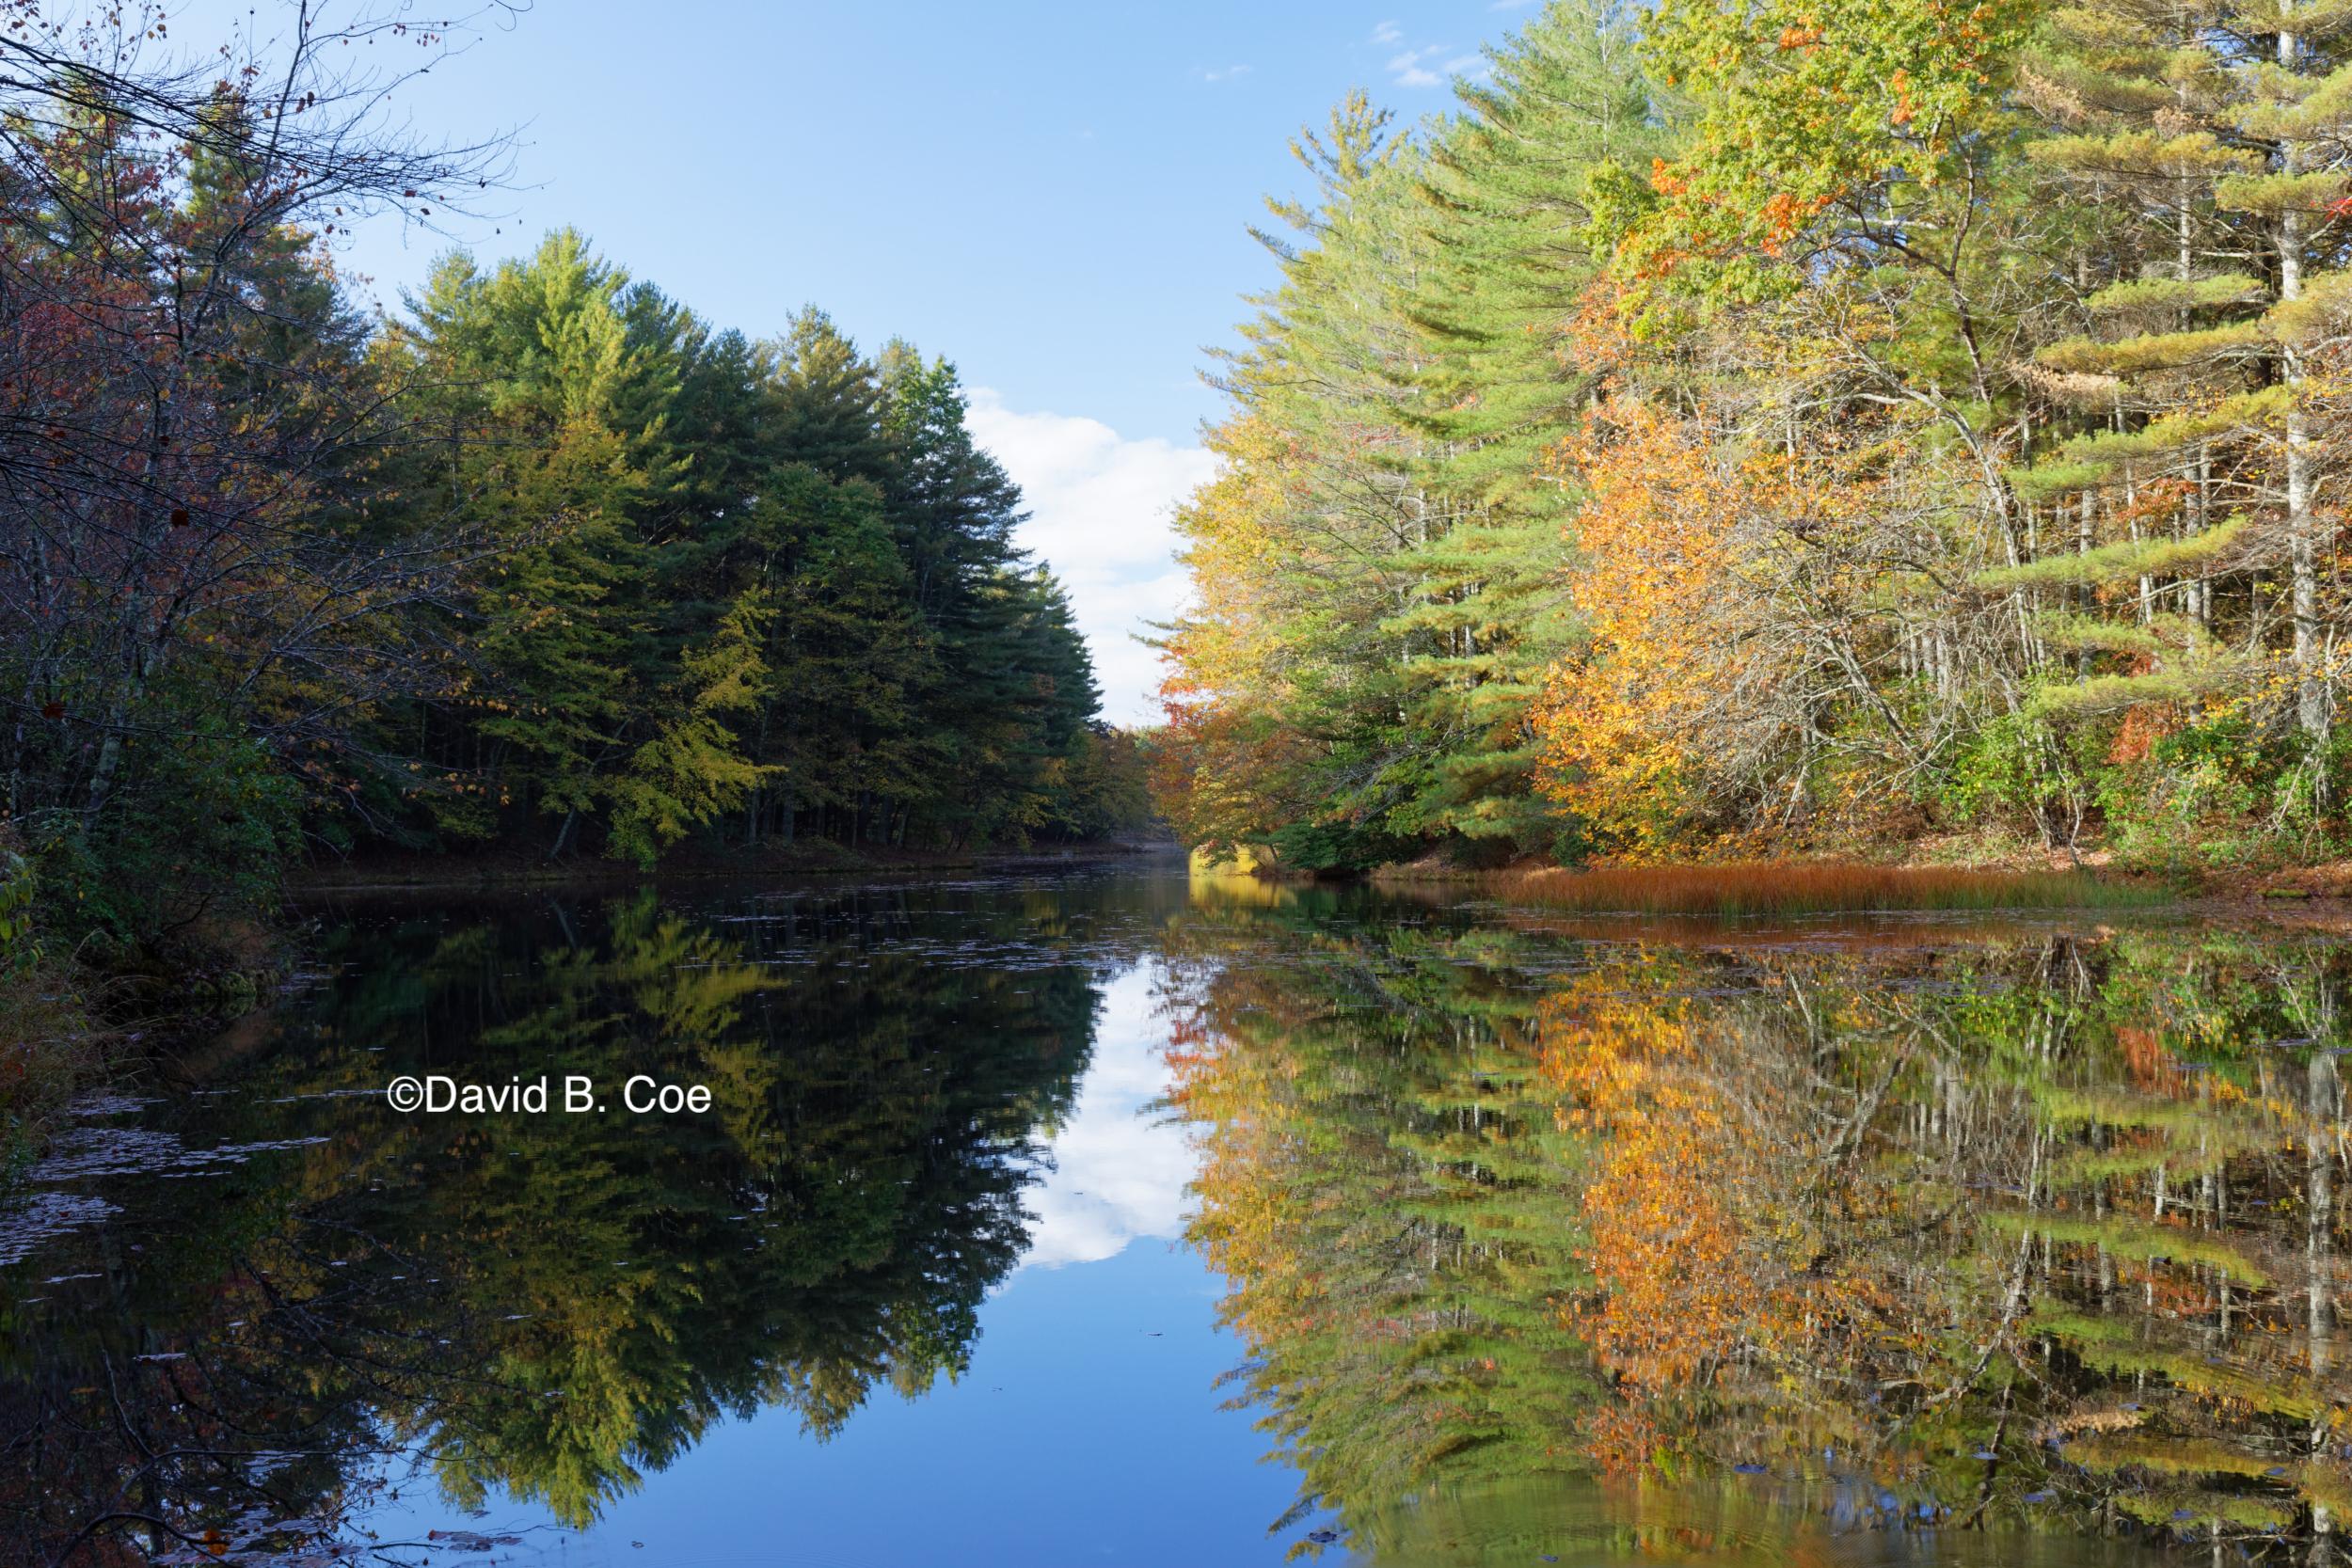 Foliage Reflections, Jackson Lake, by David B. Coe